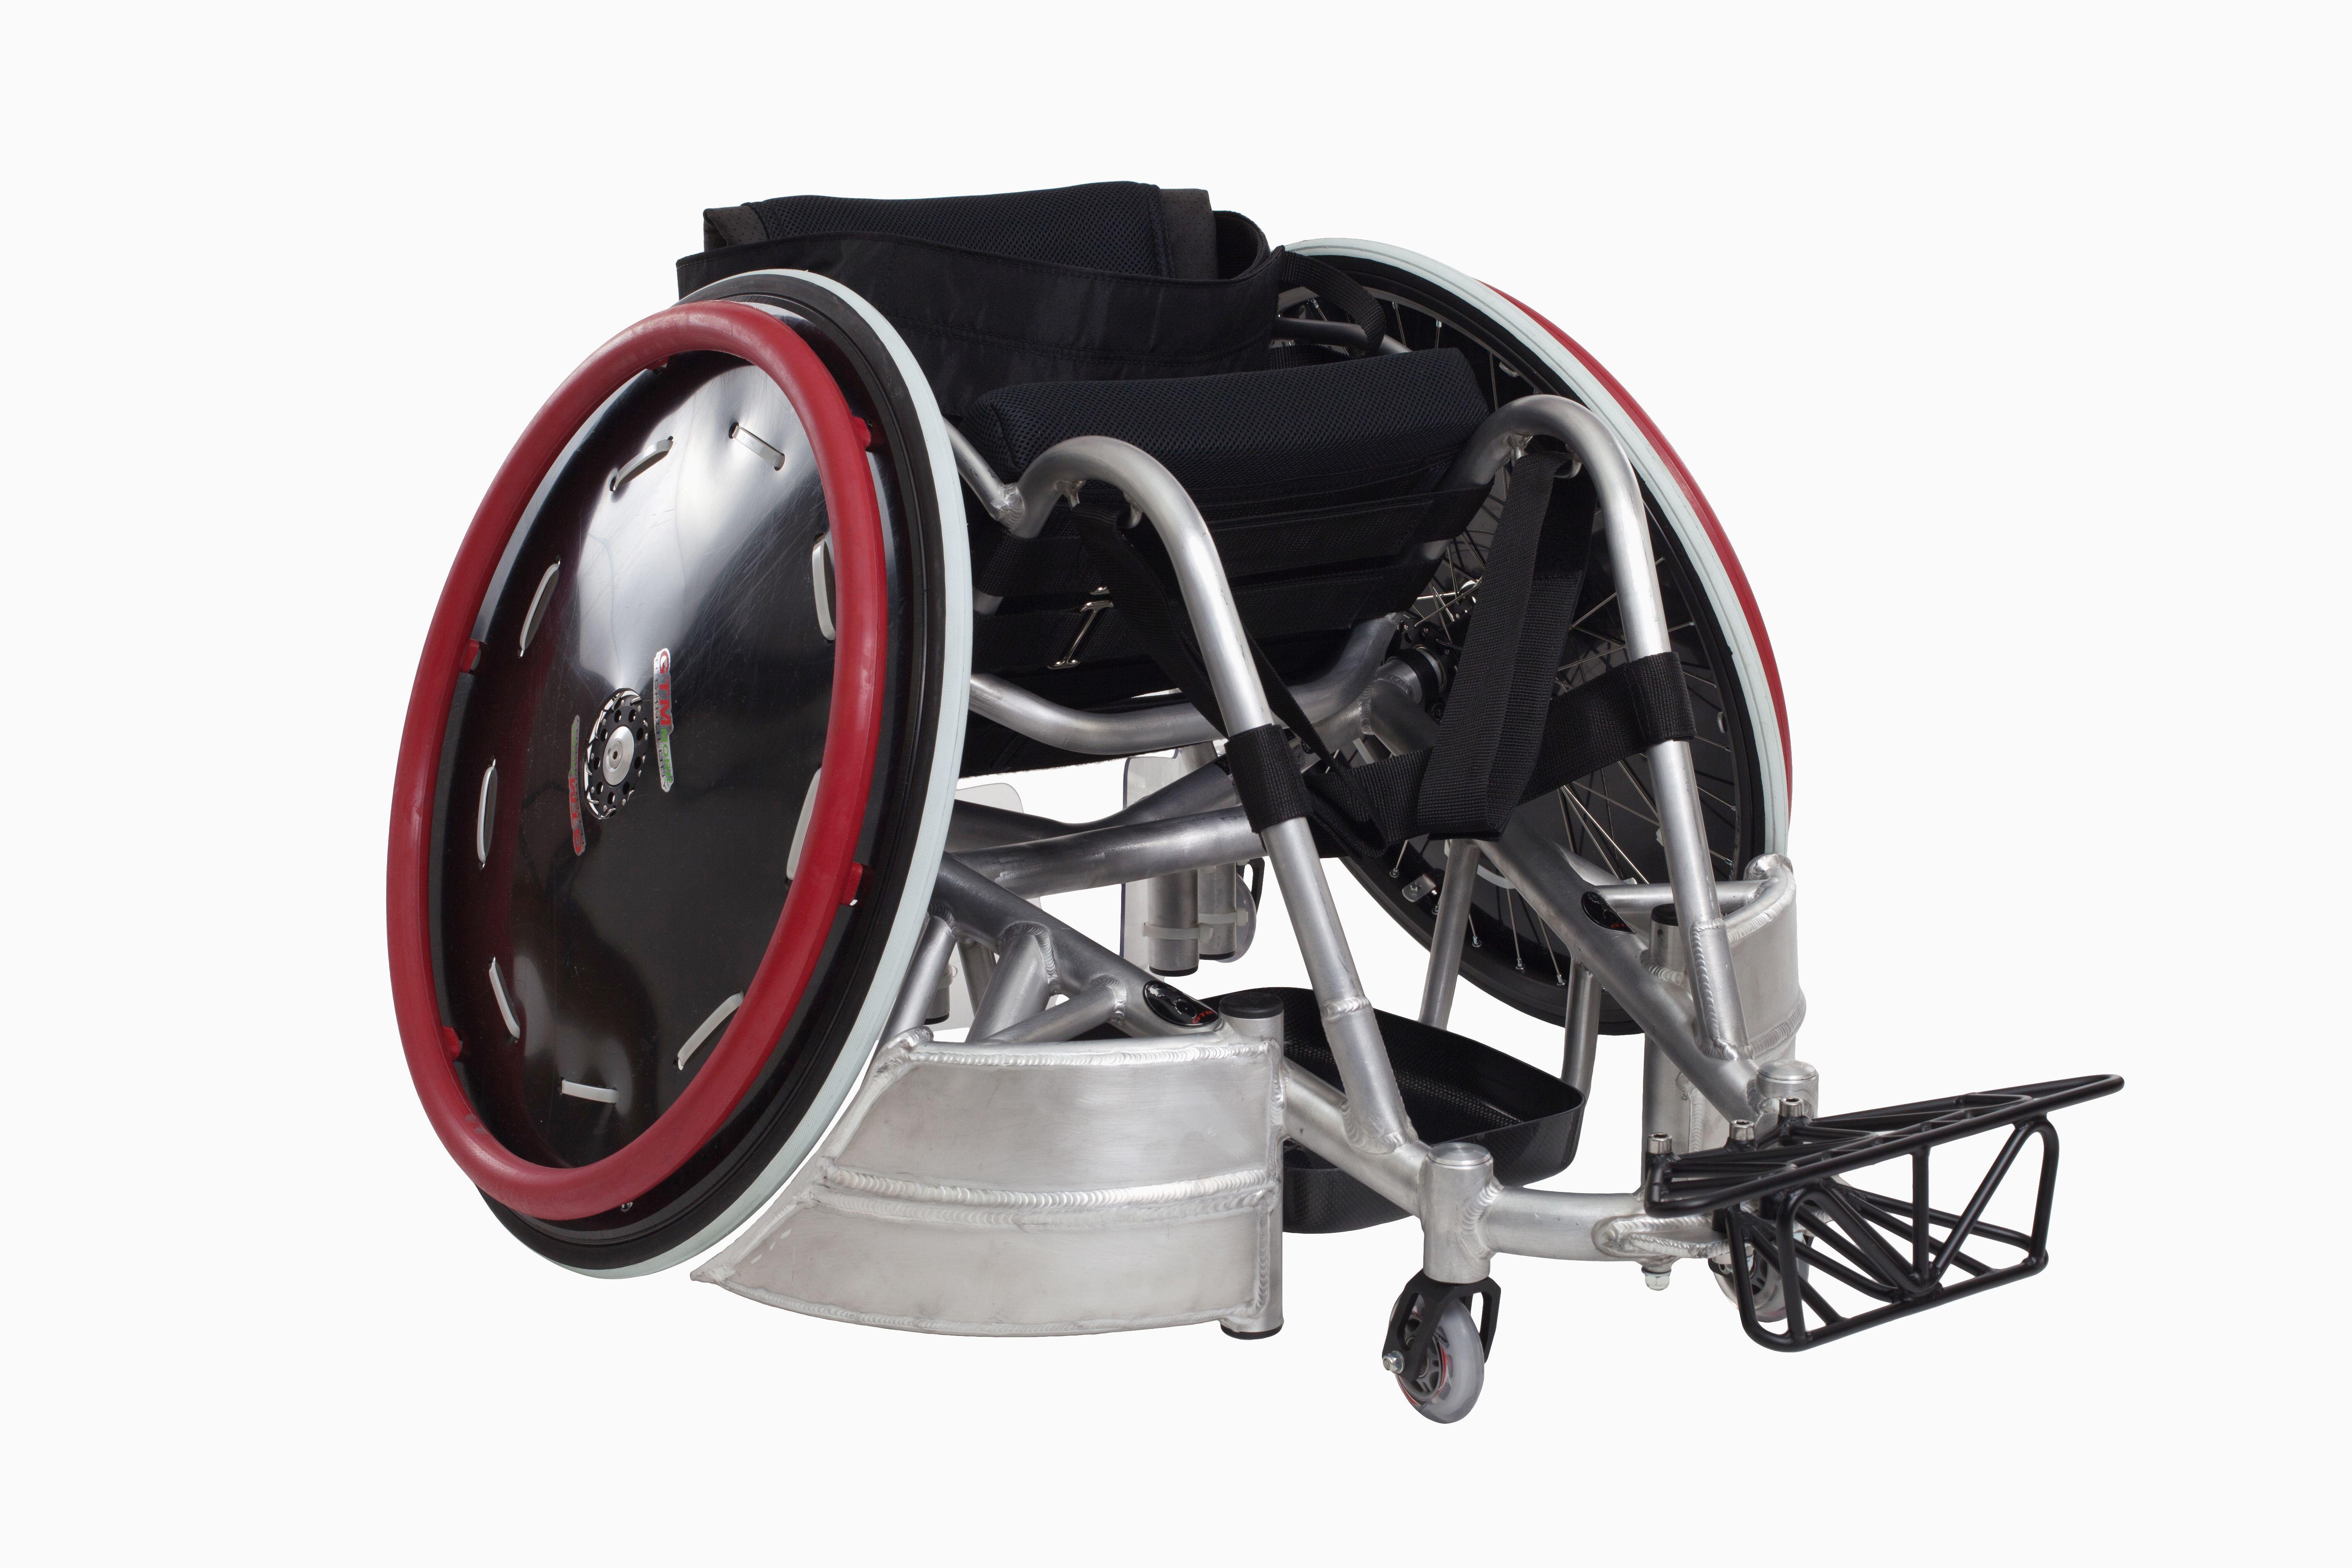 """zdjęcie przedstawia wózek sportowy, do grania w rugby. ma pochlone w pionie koła do wewnątrz, a przy podłodze metalowe """"orchaniacze""""."""